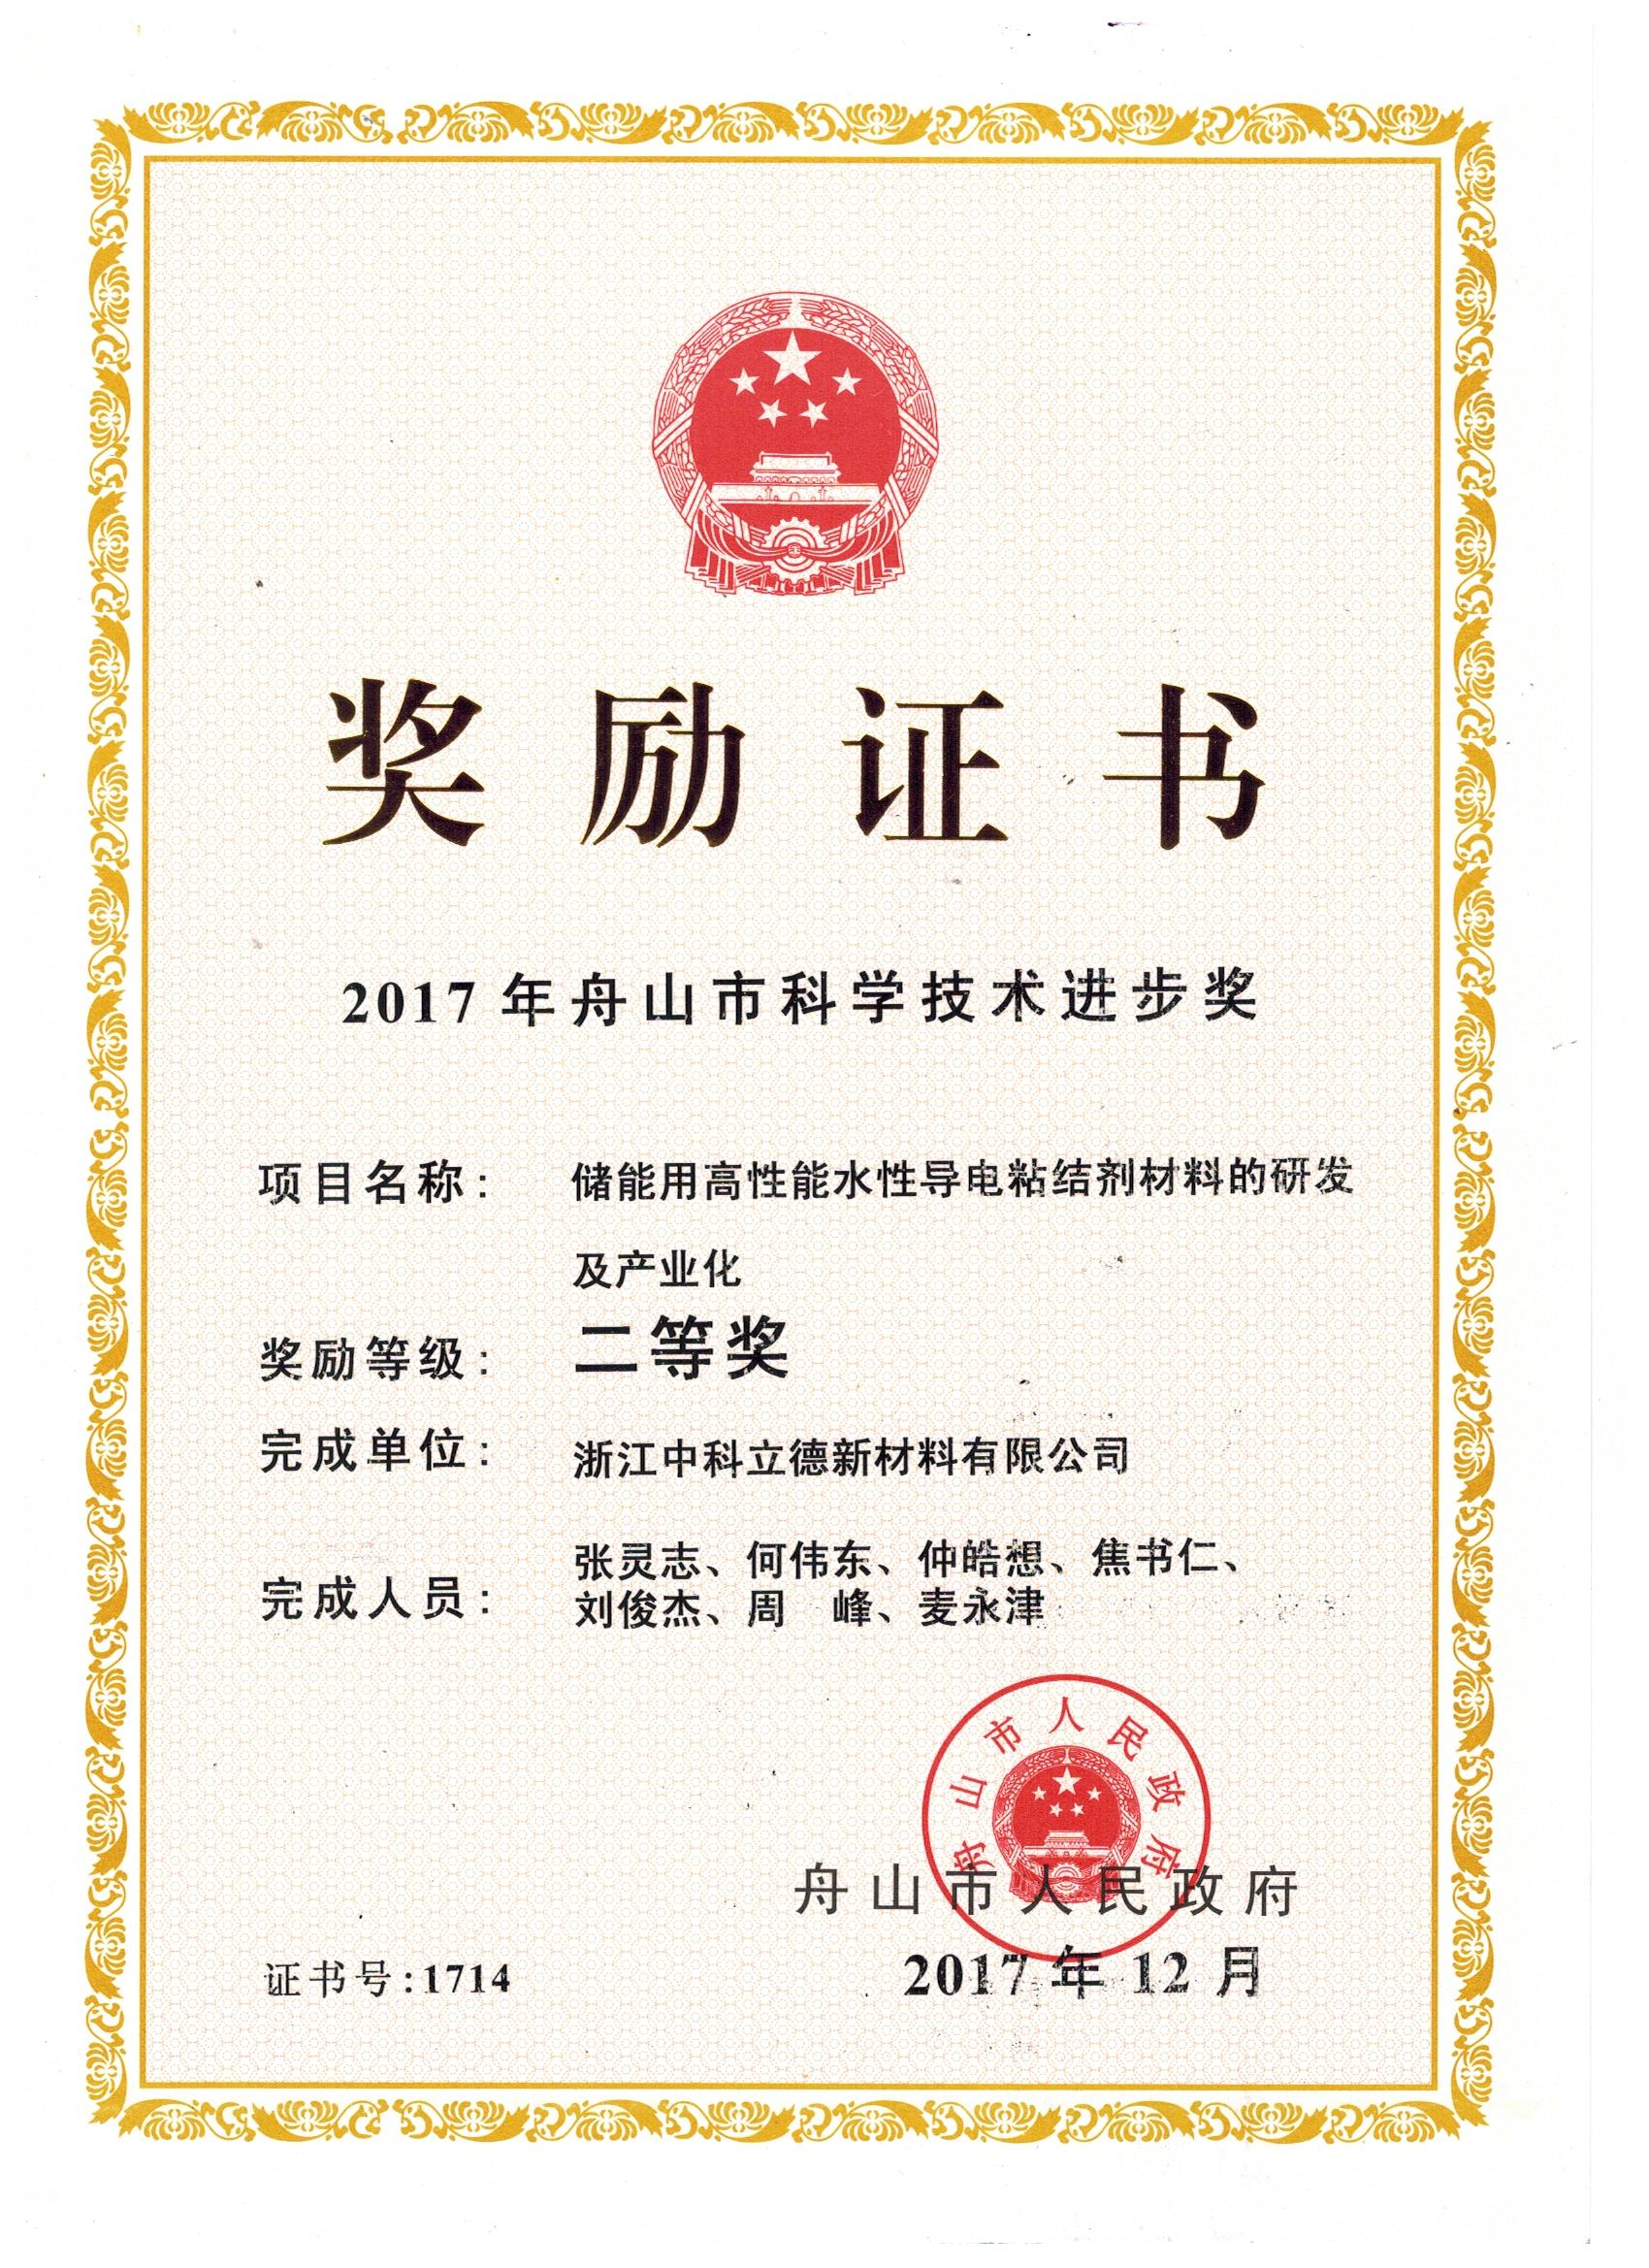 2017年舟山市科學進步獎